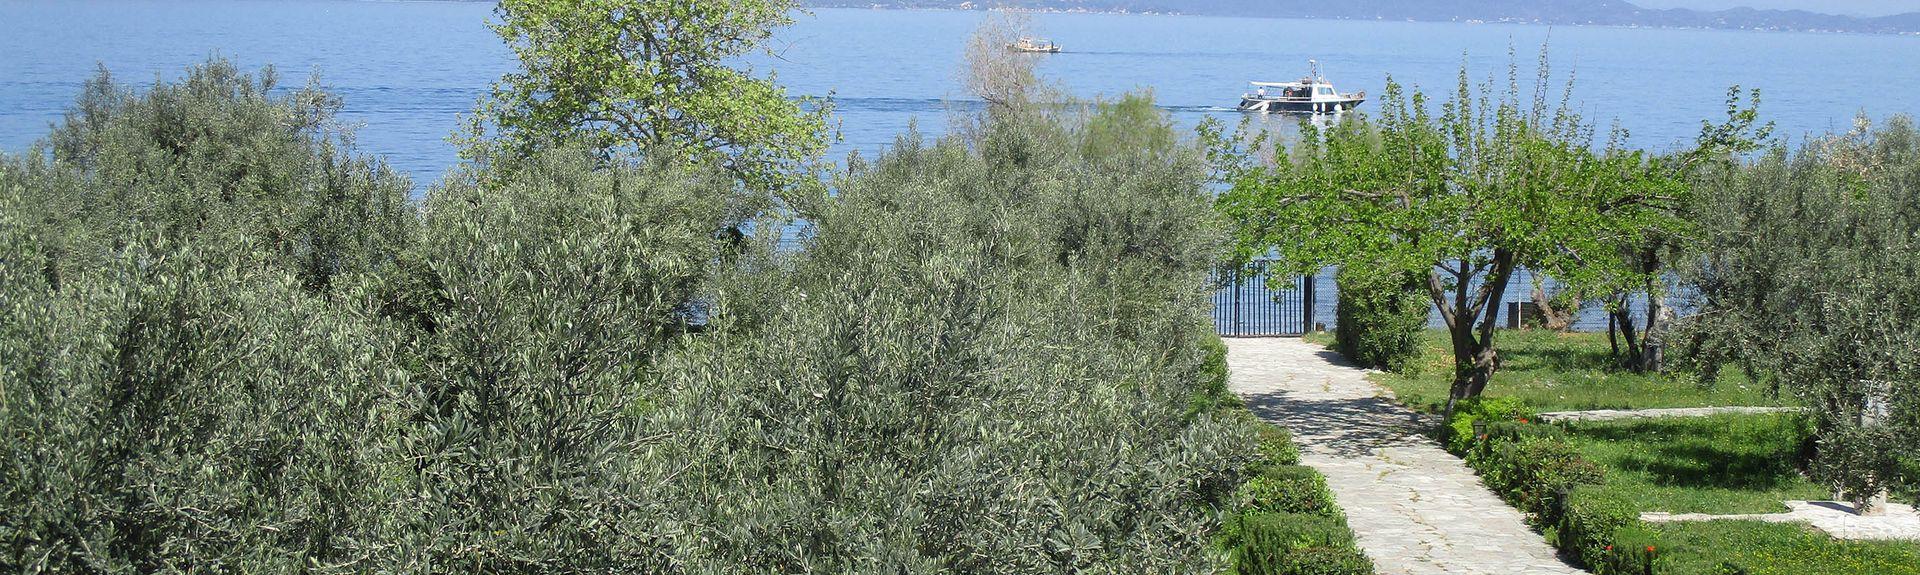 Καμένα Βούρλα, Θεσσαλία Στερεά Ελλάδα, Ελλάδα